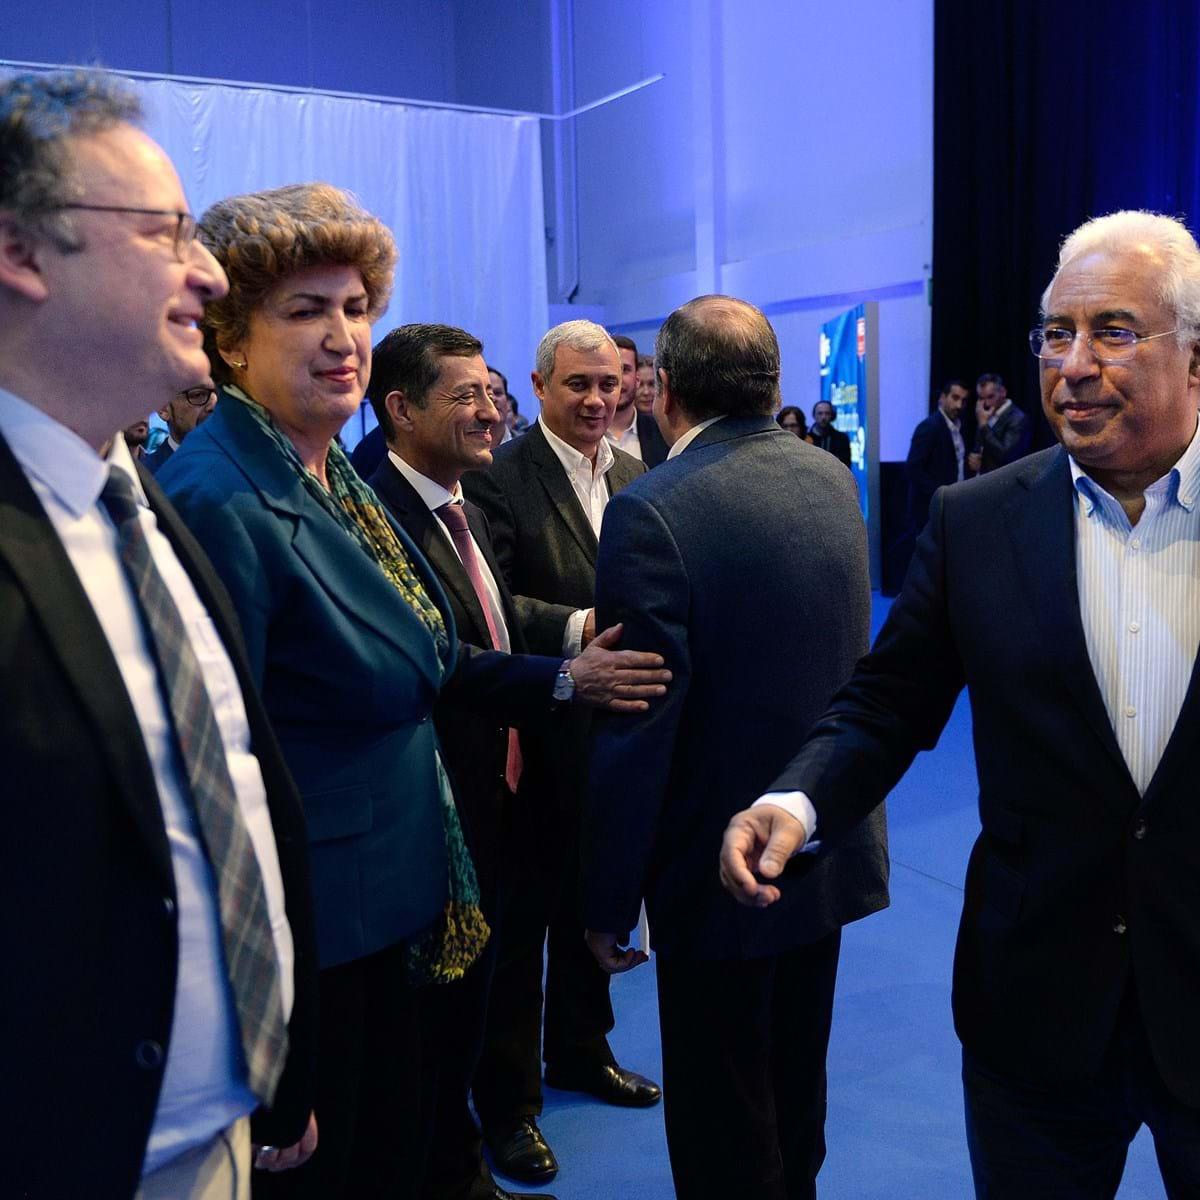 Francisco Assis demite-se de cargo europeu após ser impedido de falar pelo  PS - Política - Jornal de Negócios